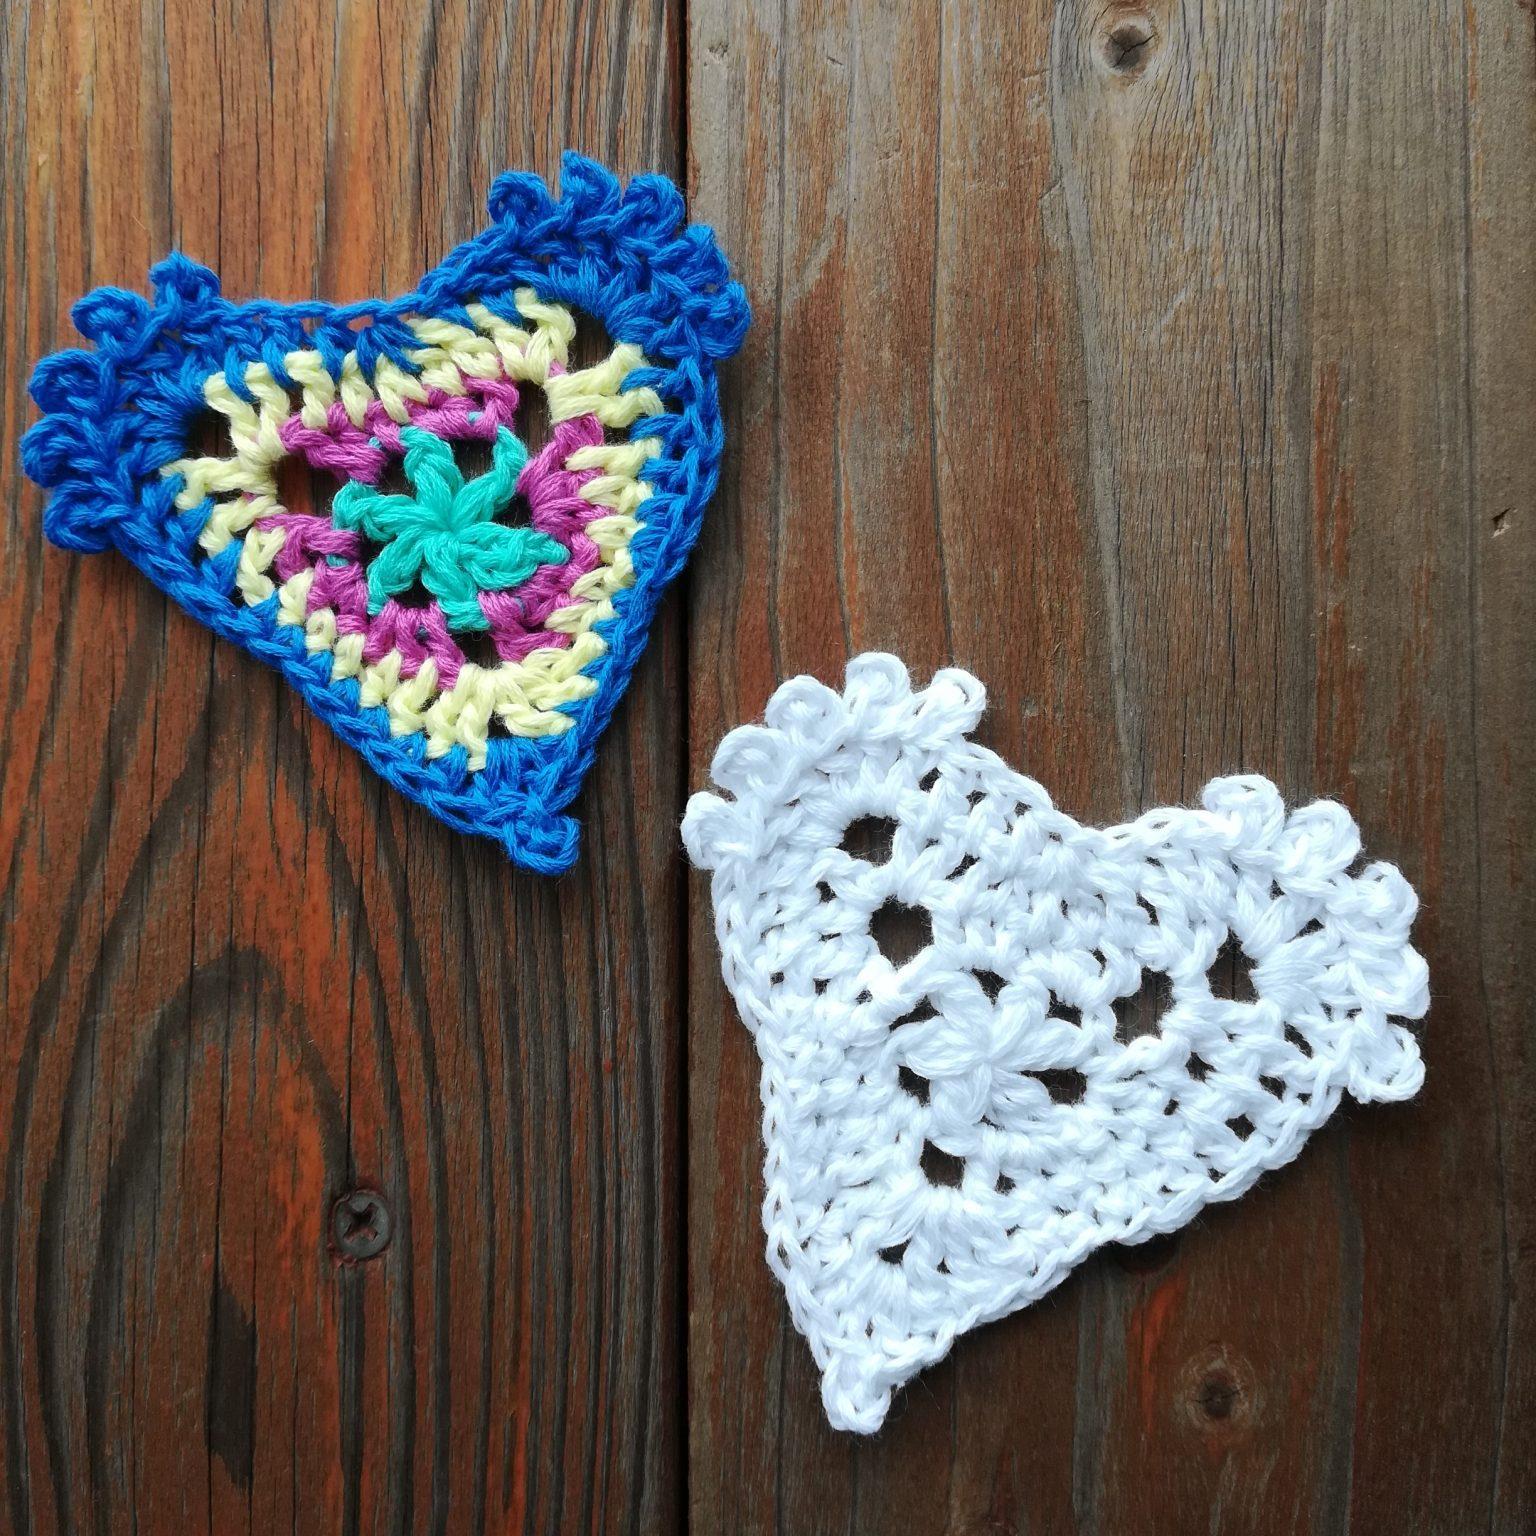 刺繍糸でかぎ針編み「バレンタインデーにも「ハートのモチーフ」」の編み方